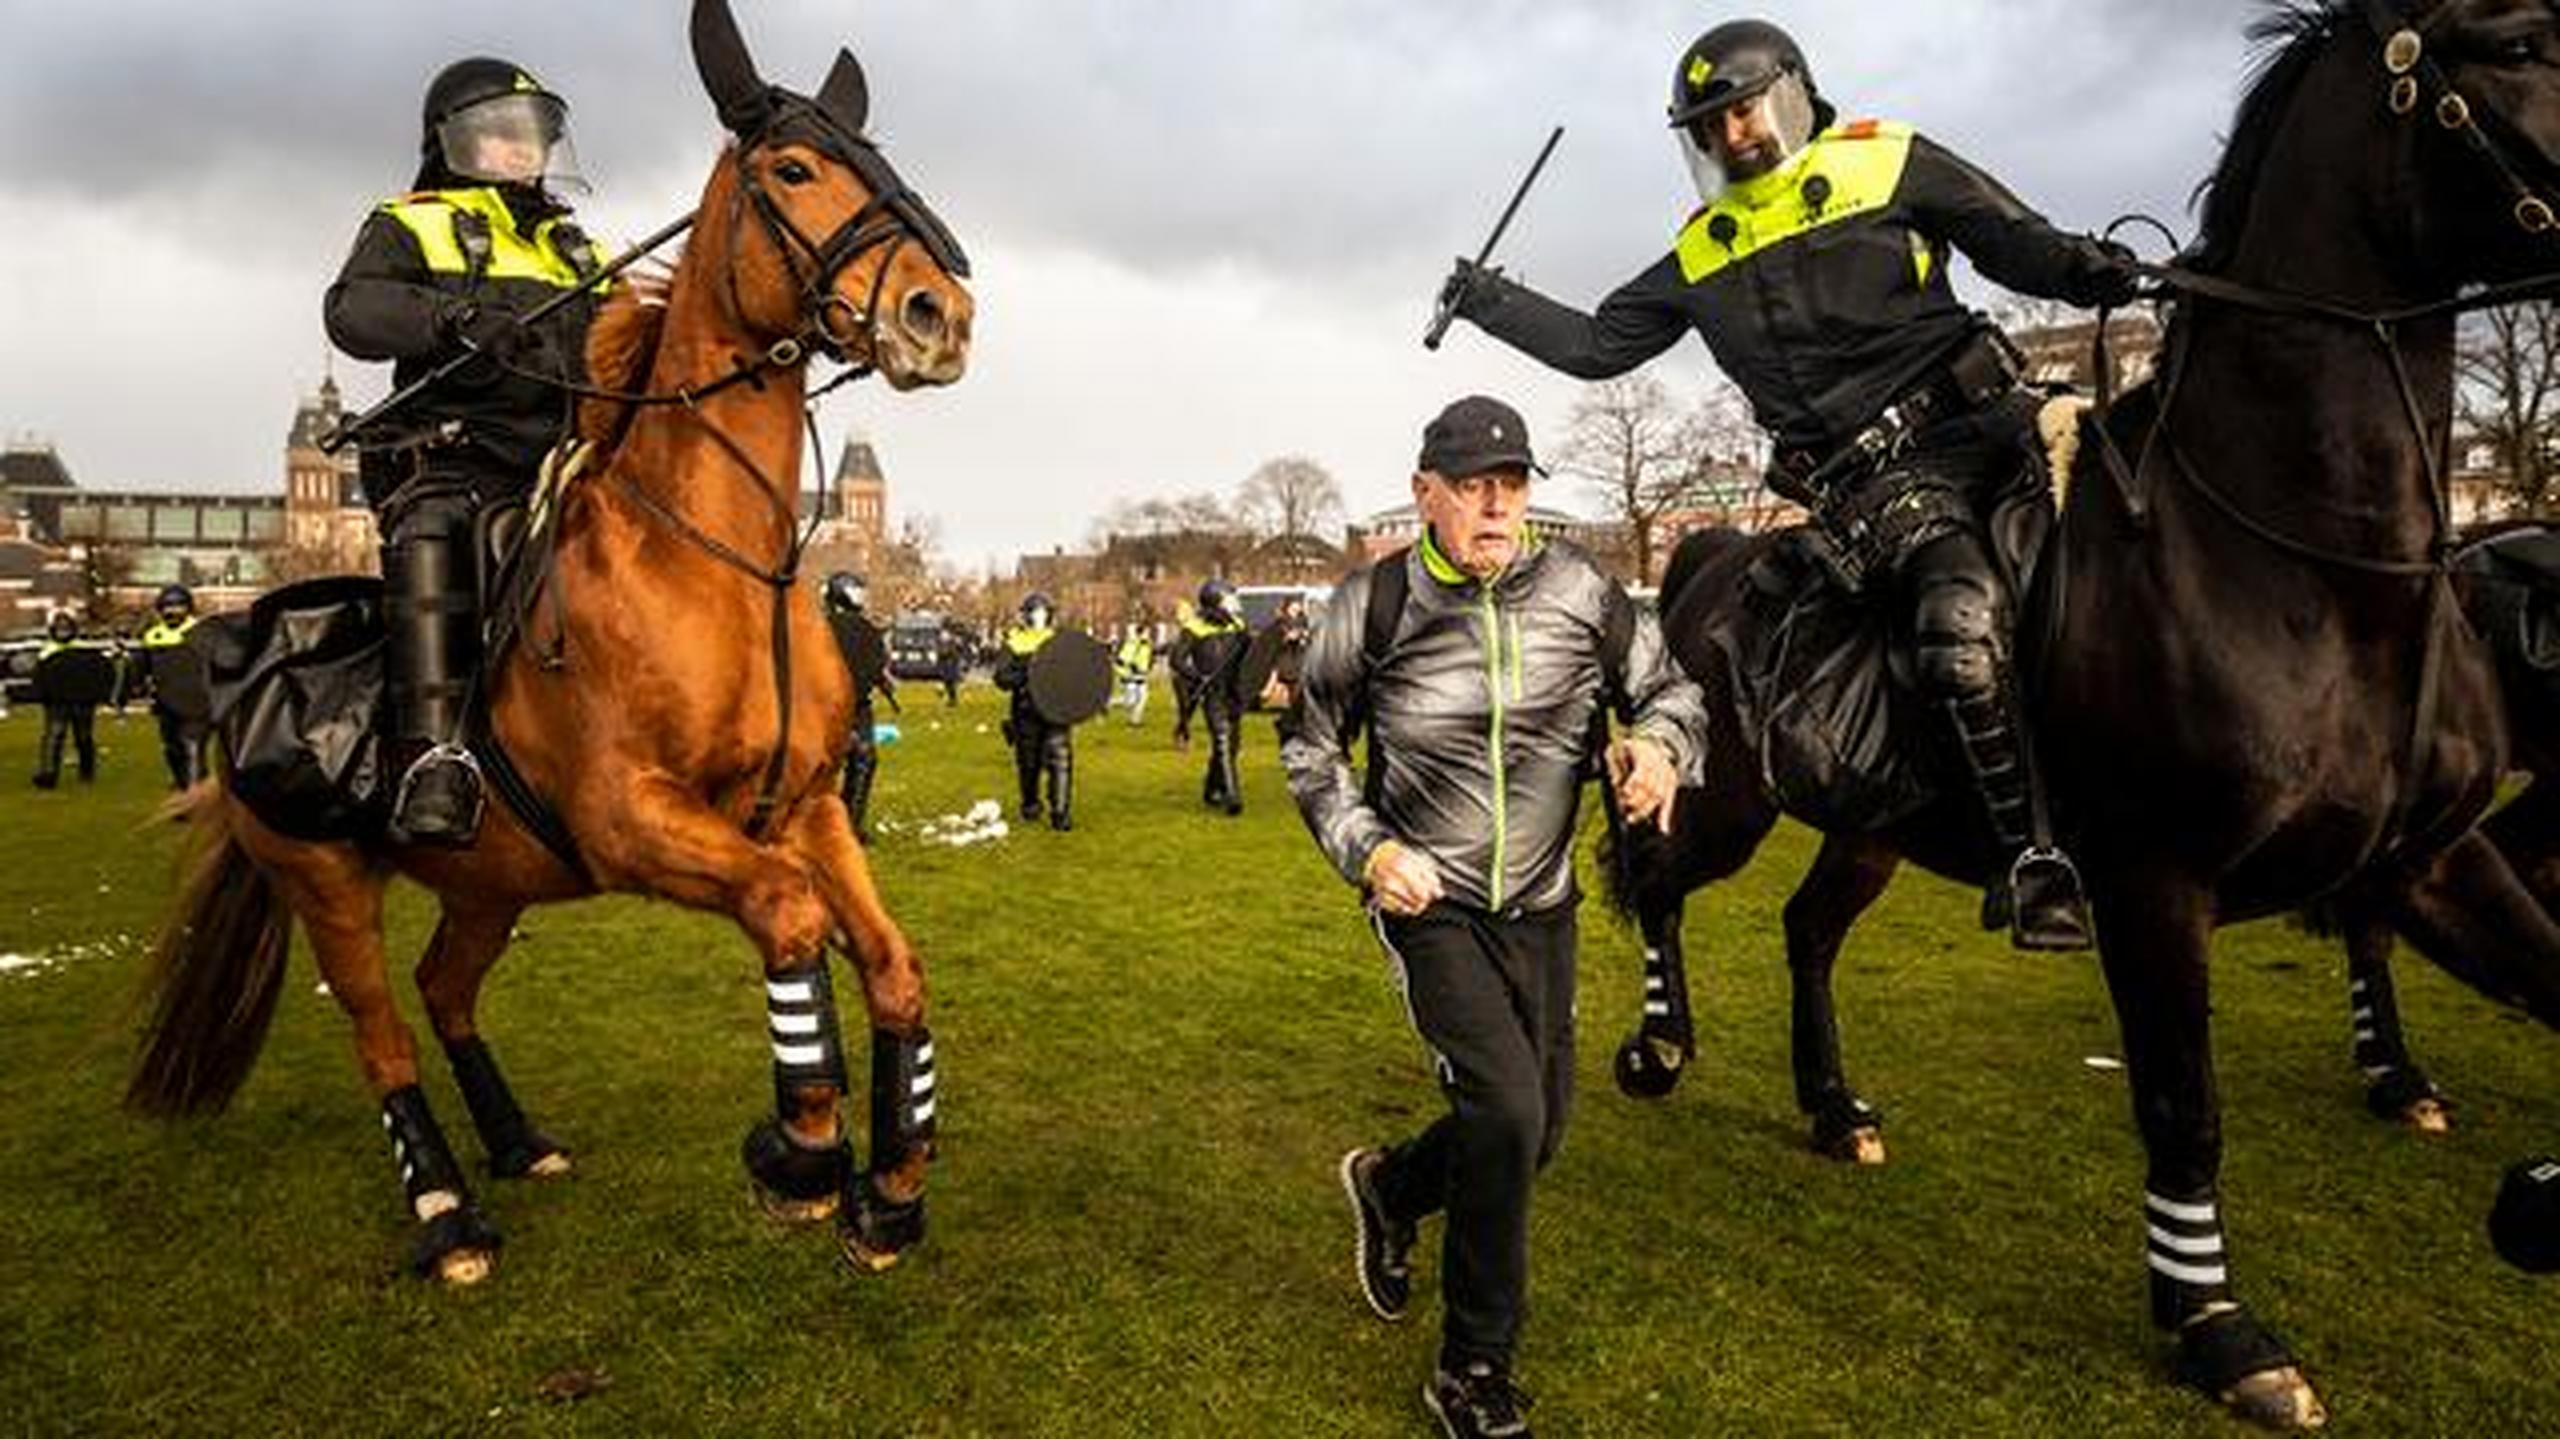 Amsterdam| Protest împotriva restricțiilor. 100 de manifestanți au fost arestați